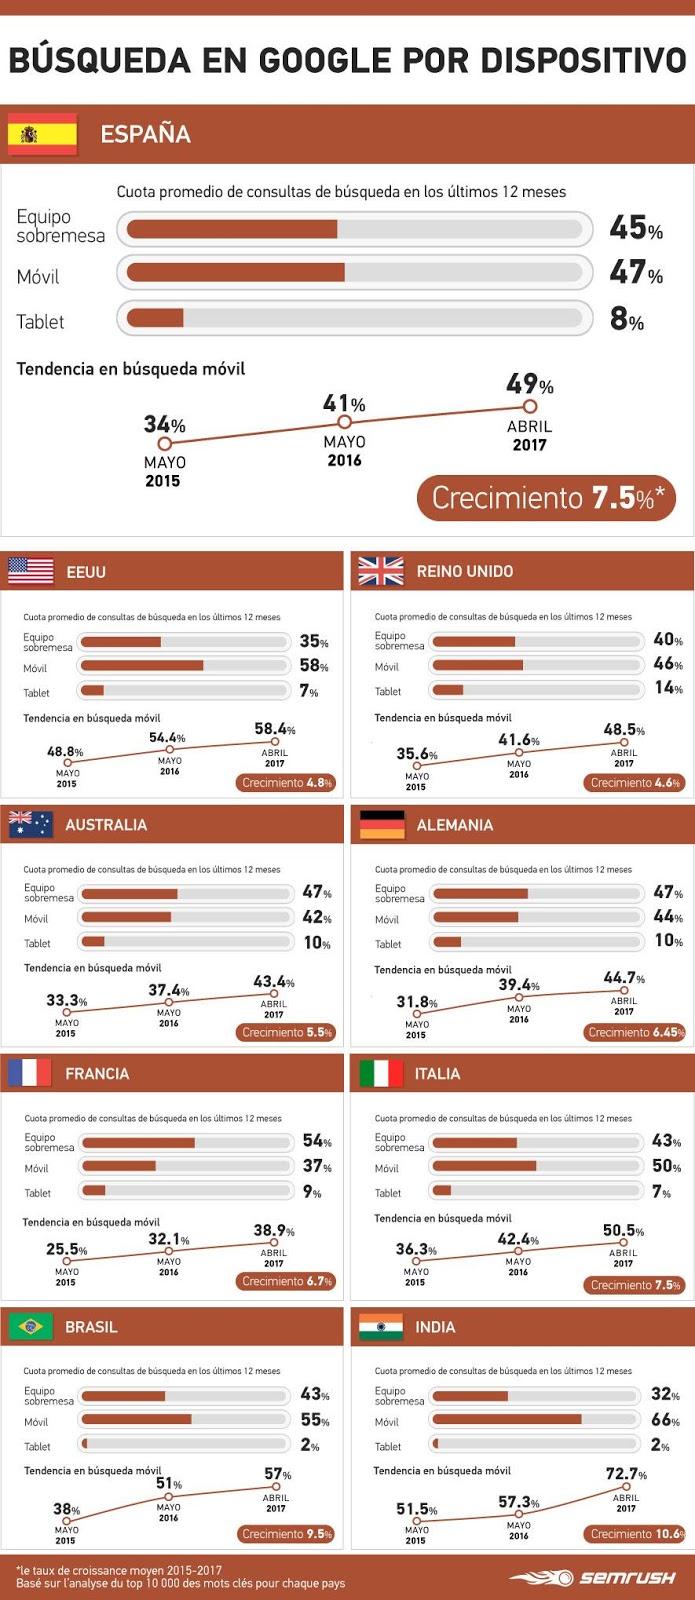 España lidera el ranking de EUropa en cuanto a crecimiento de uso de búsquedas móviles